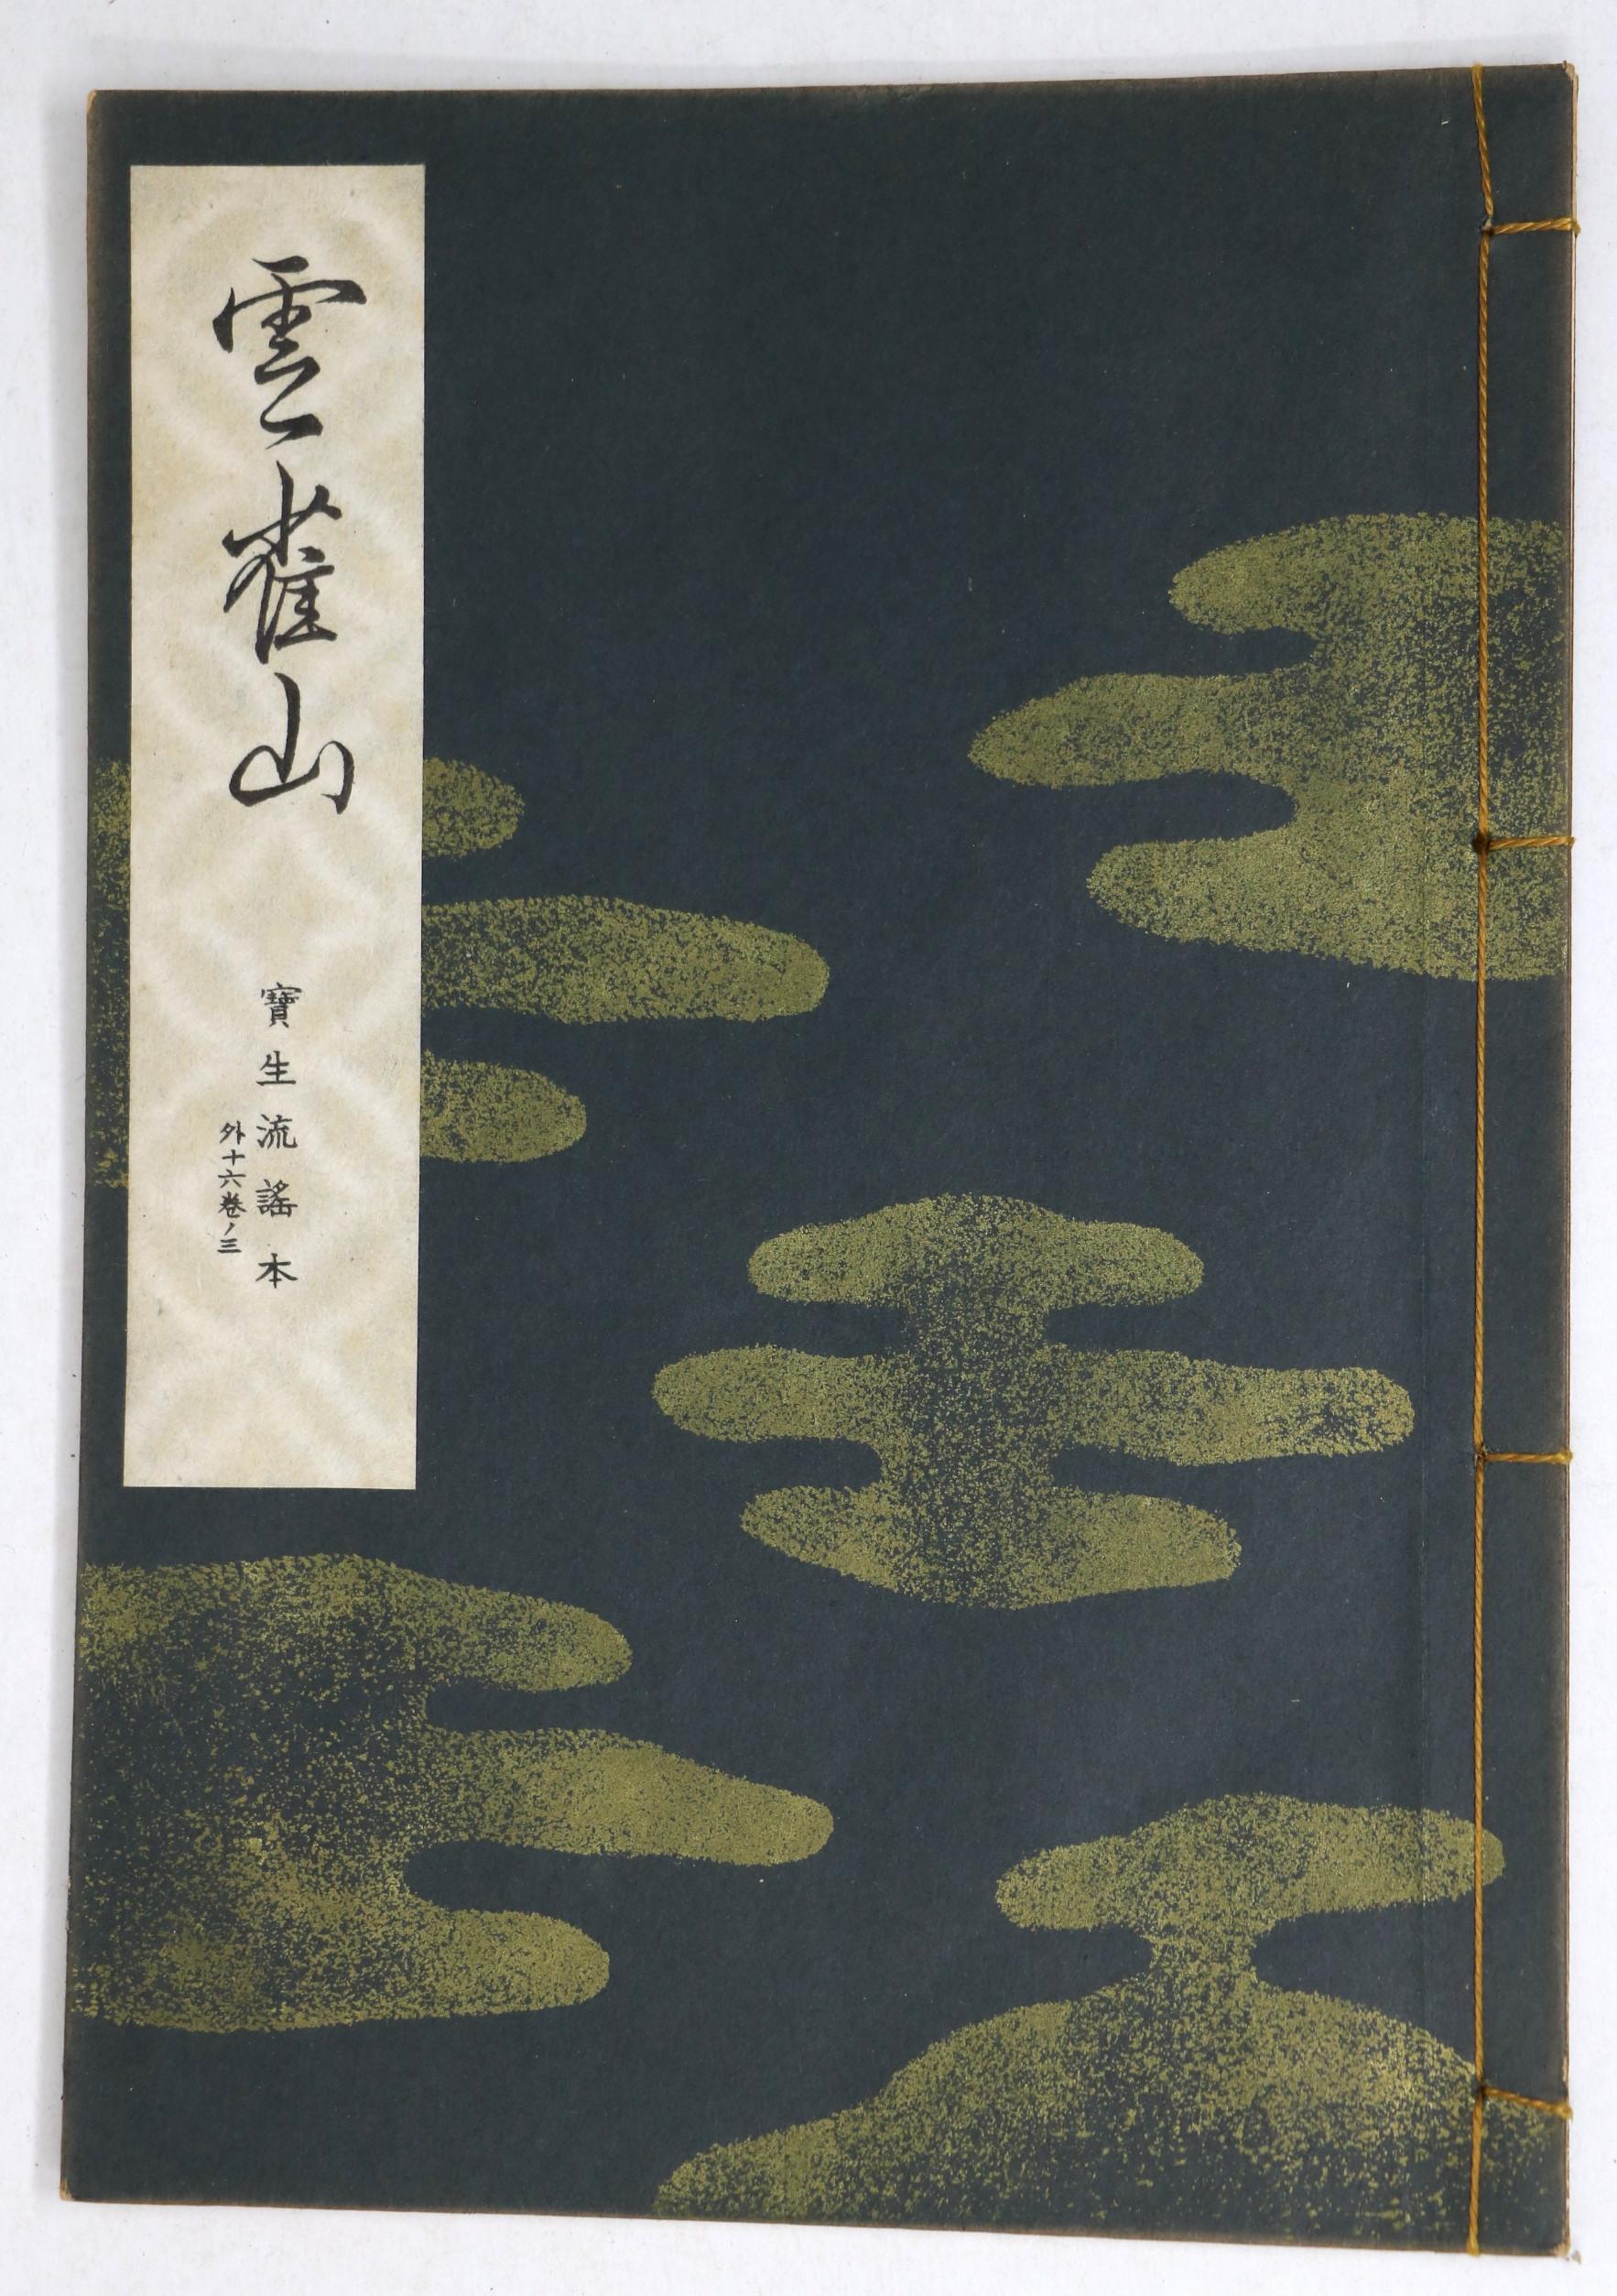 宝生流謡本 雲雀山(ひばりやま)【142】